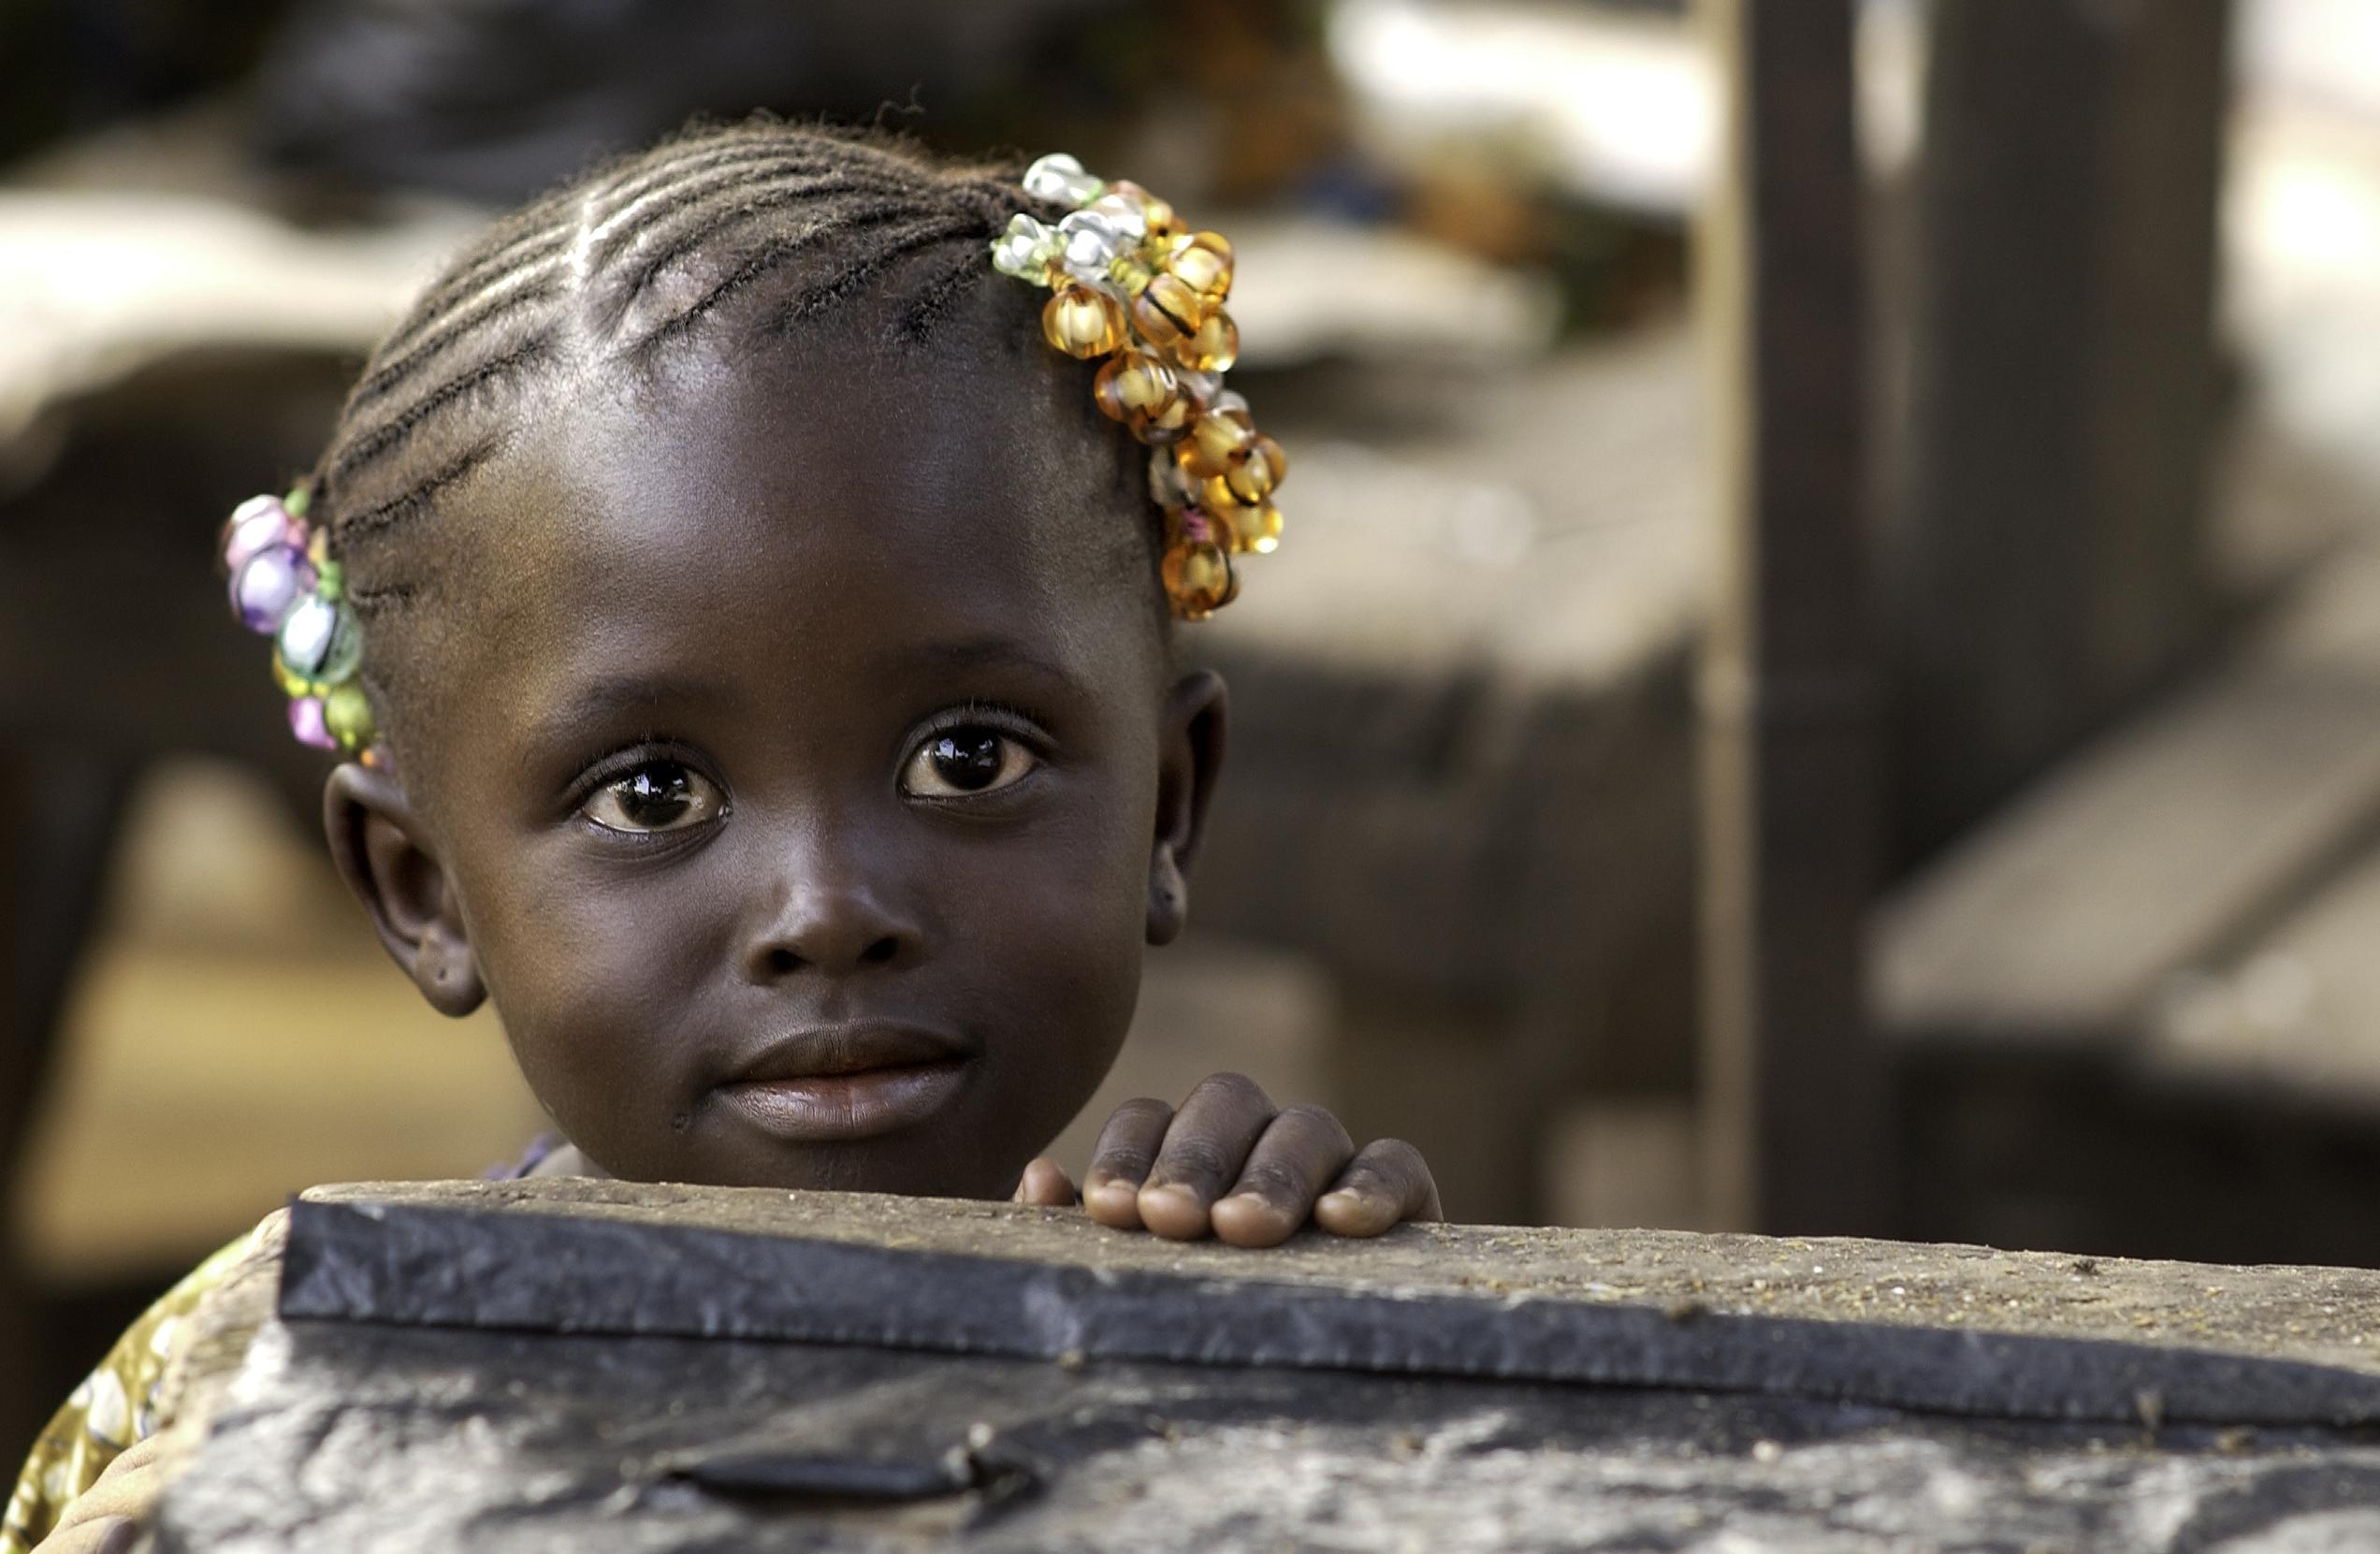 Sfondi : viso, tempio, ritratto, bambini, Africa, bellissimo ...